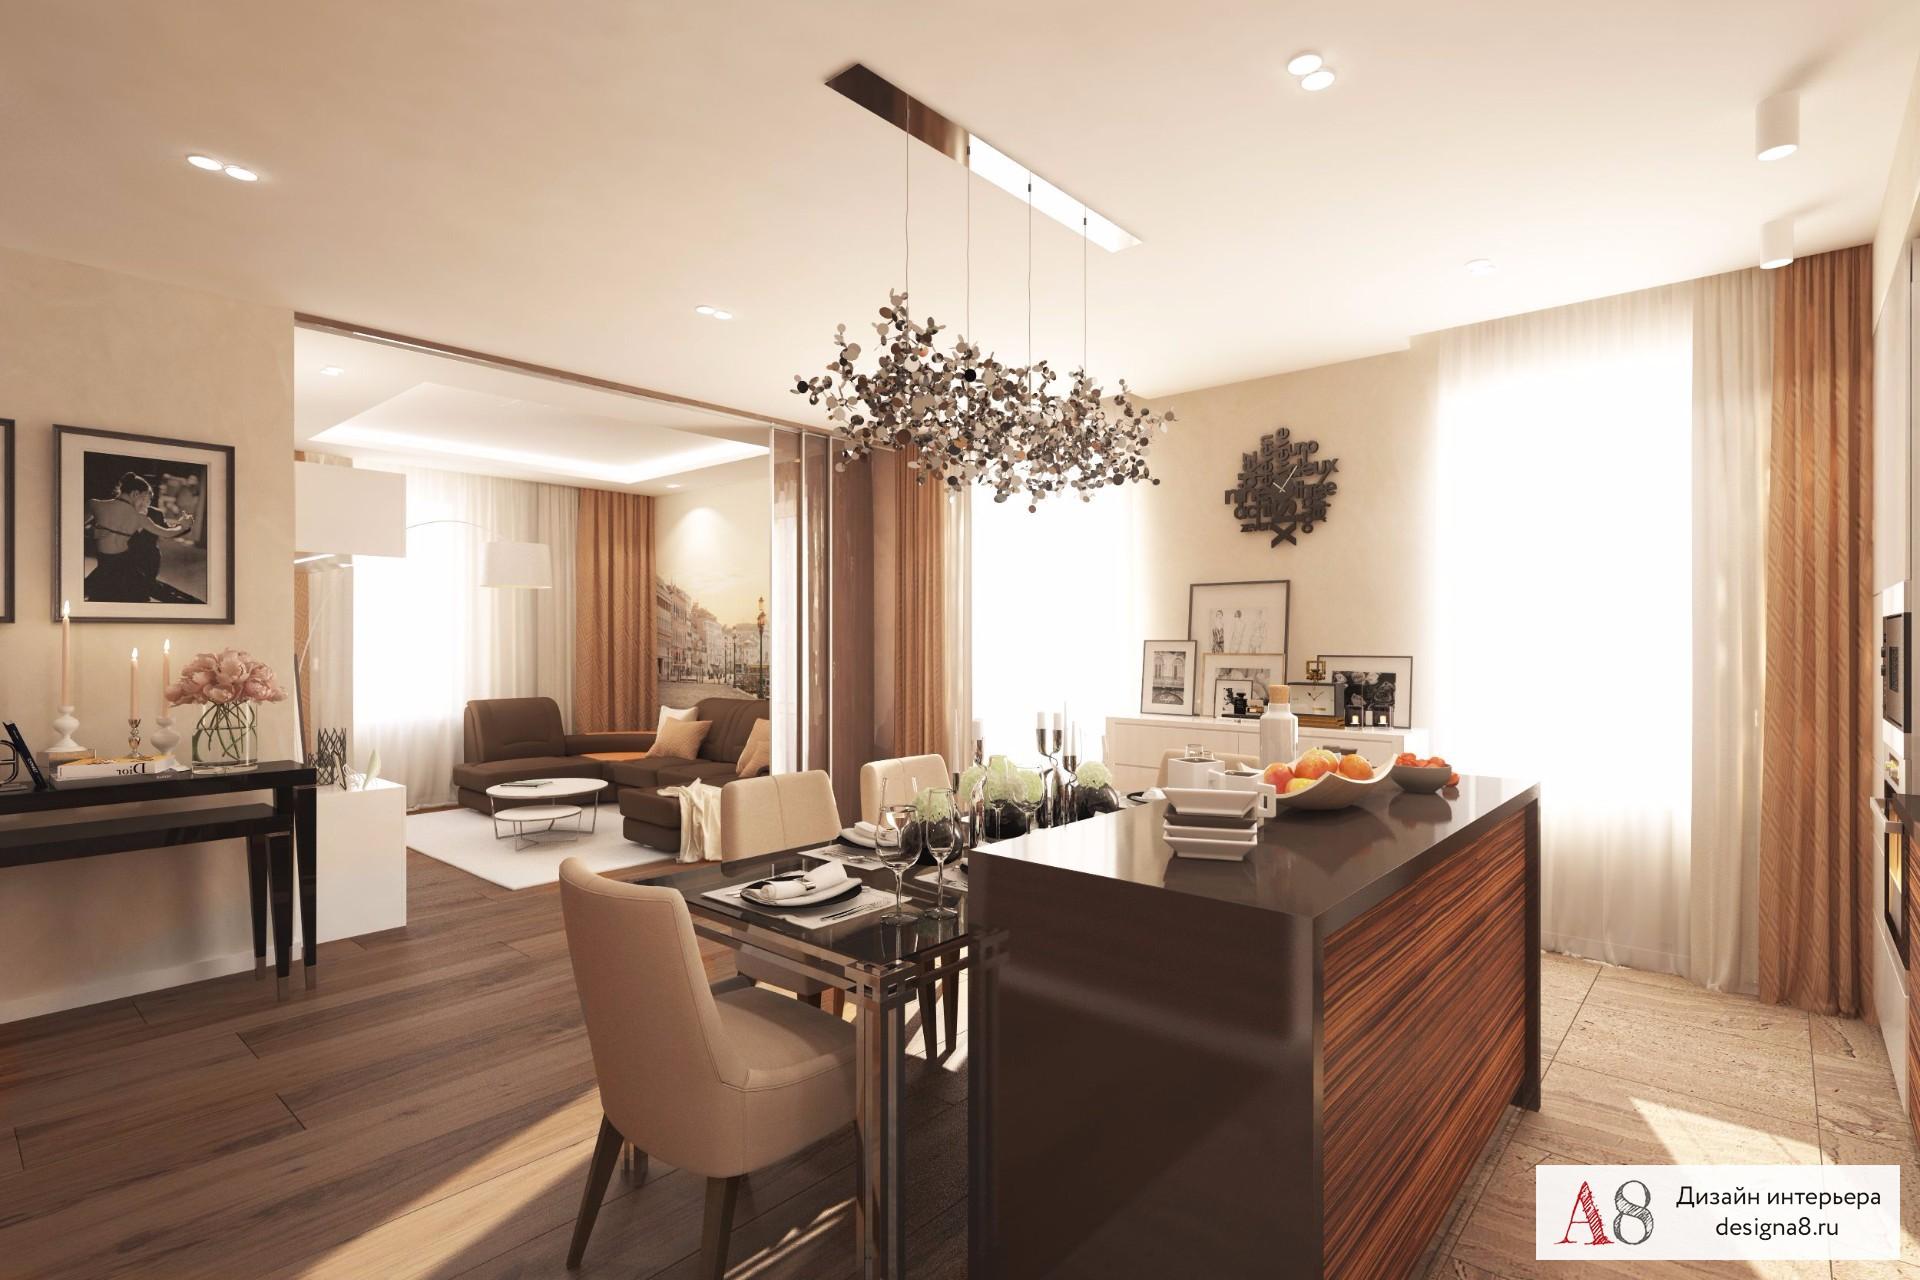 Фото интерьера 3-комнатной квартиры